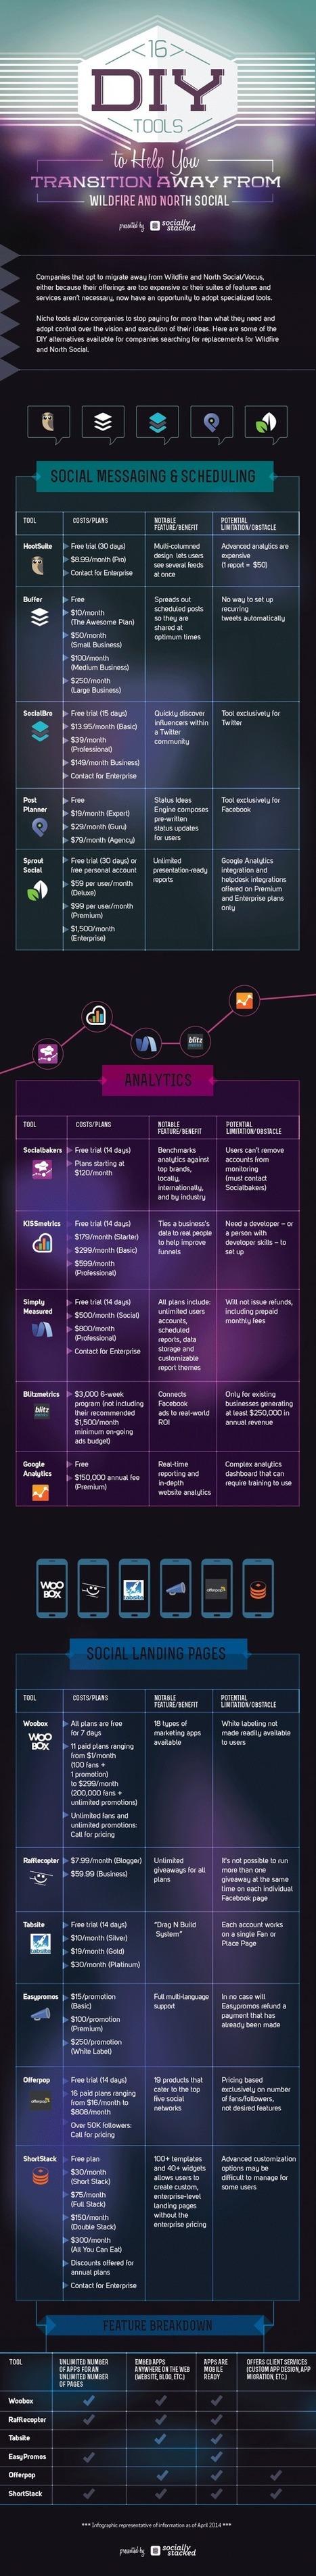 16 outils qui peuvent vous aider à mieux gérer et animer votre présence sur les réseaux sociaux | Médias et réseaux sociaux | Scoop.it